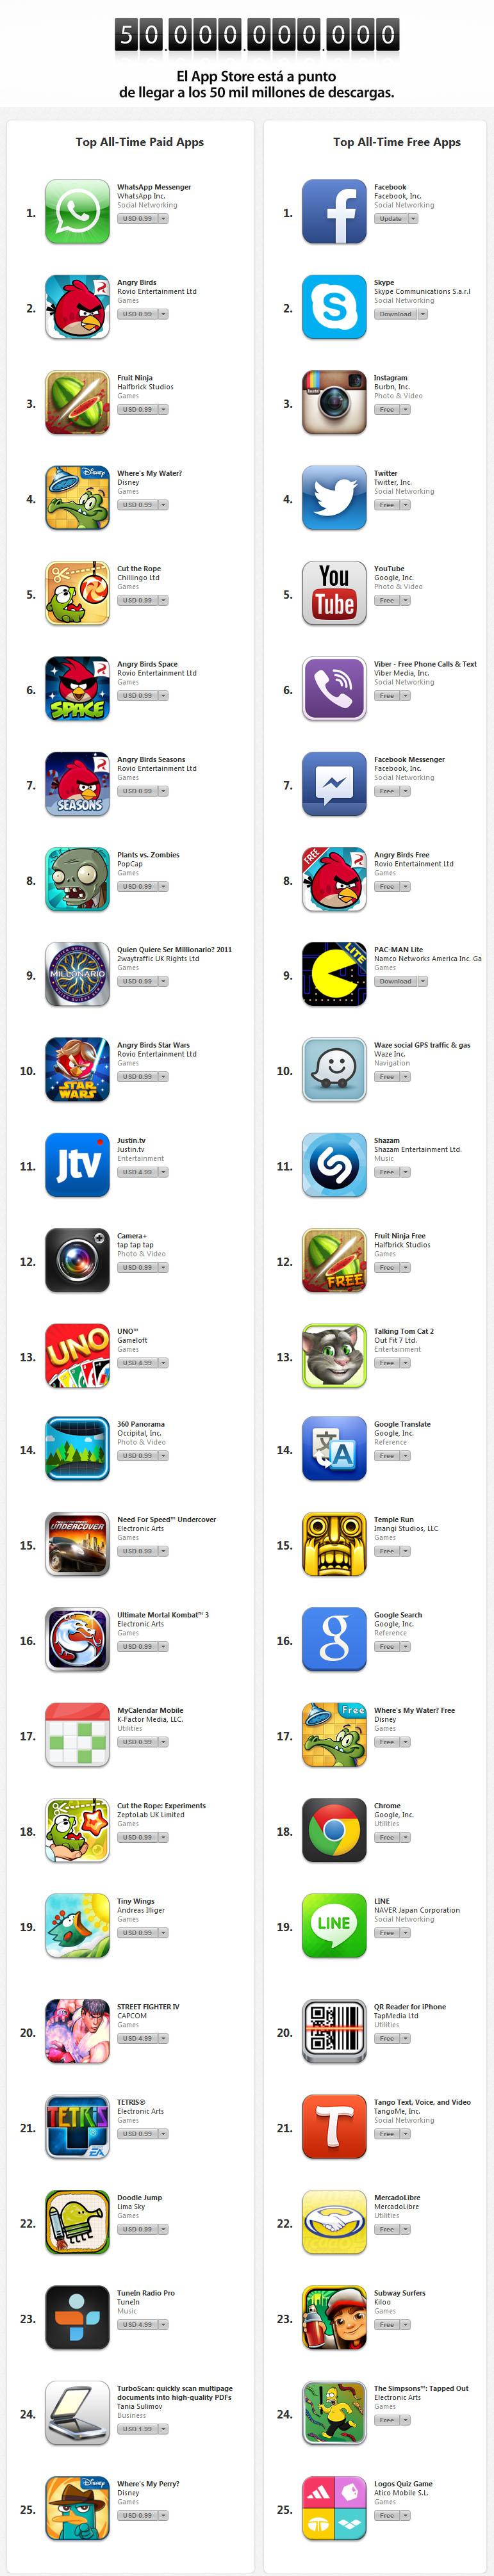 Las mejores aplicaciones y juegos para iPhone iPod Touc iPad 50 mil millones Apple